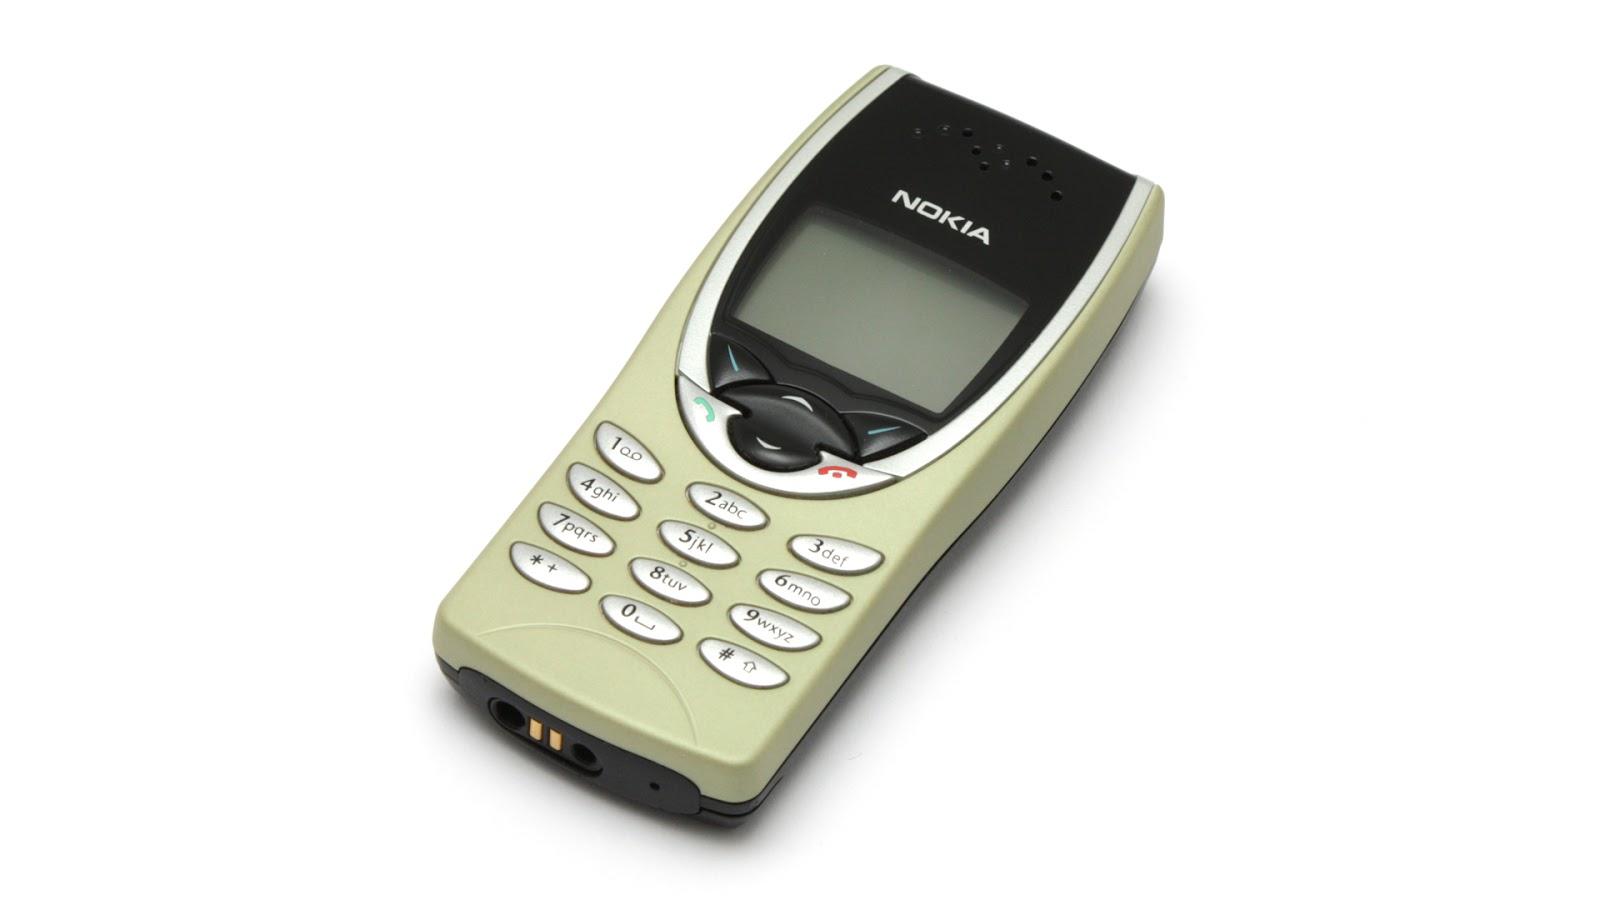 Un telefon Nokia din 1999 a devenit echipament de bază pentru dealerii de droguri din Marea Britanie: Nokia 8210